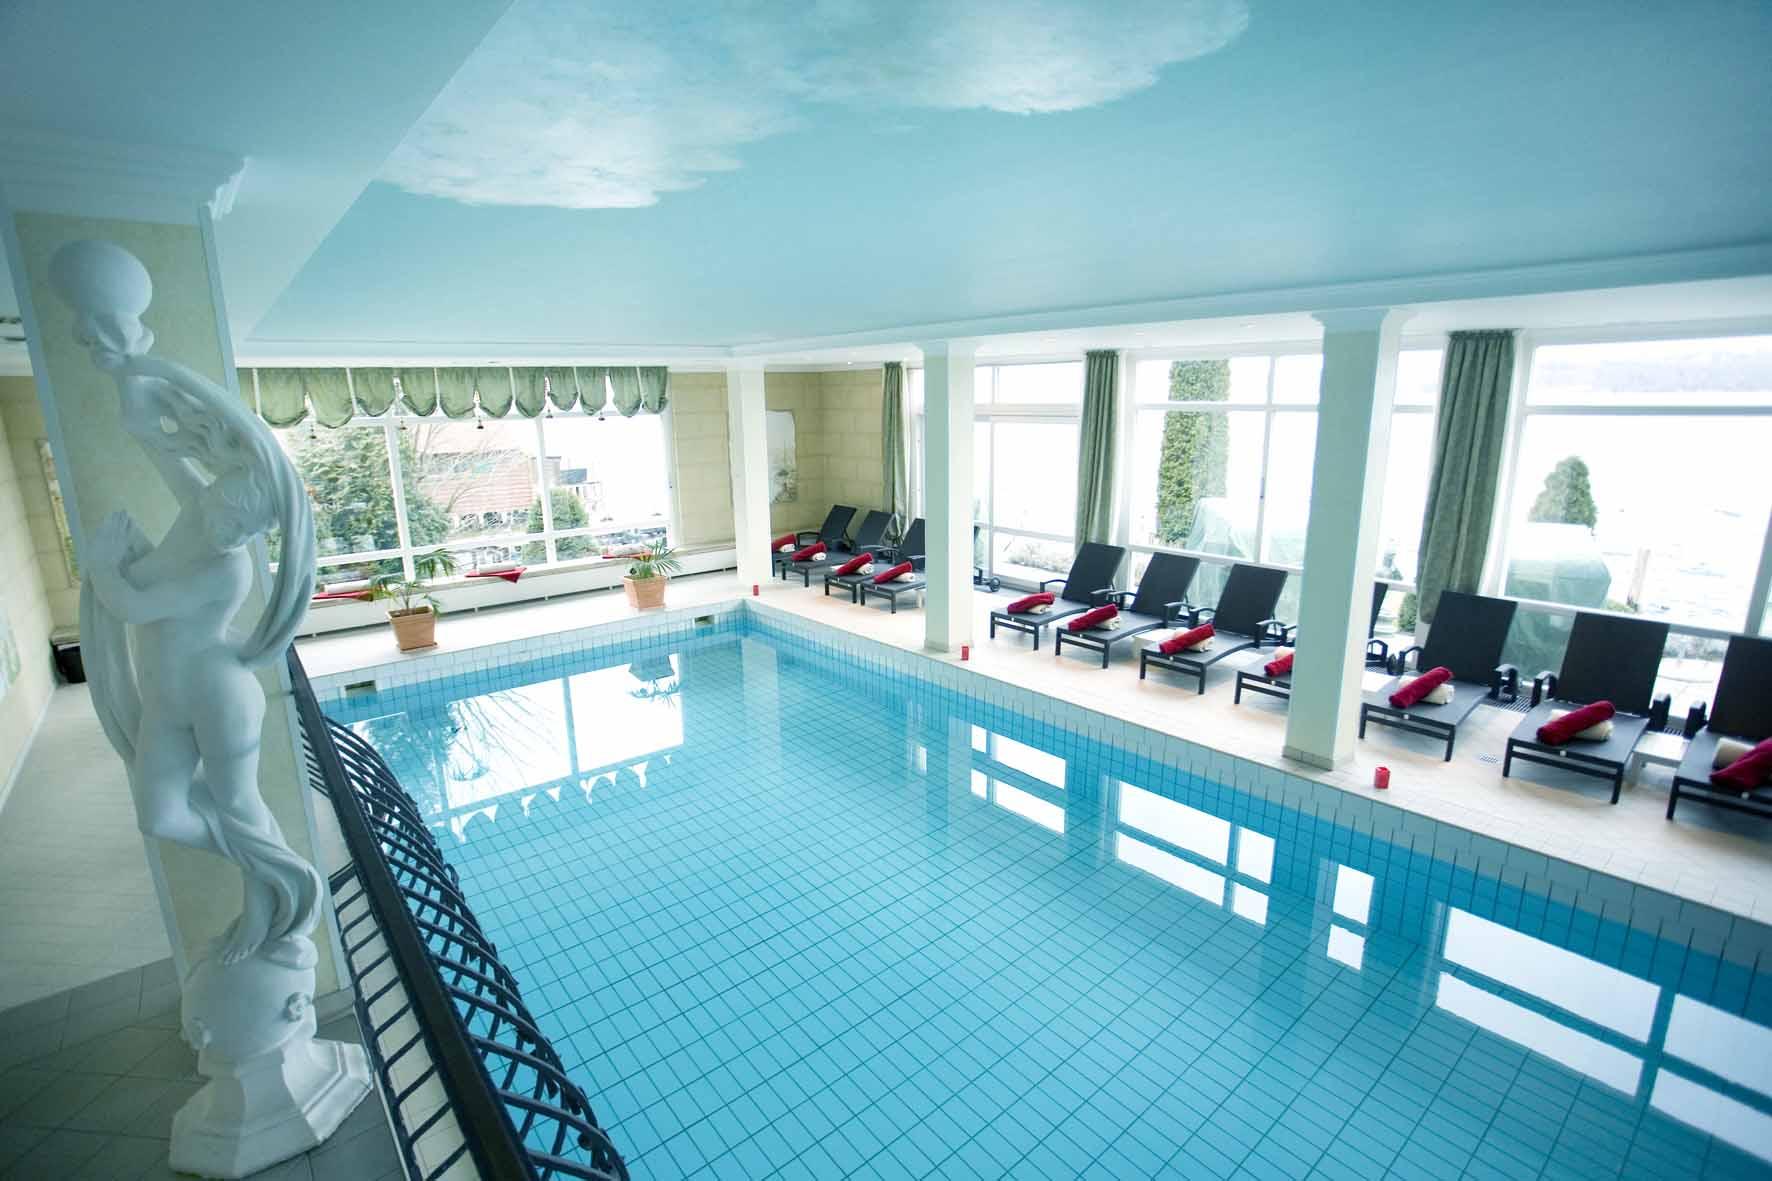 seehotel leoni leoni spa wellness. Black Bedroom Furniture Sets. Home Design Ideas